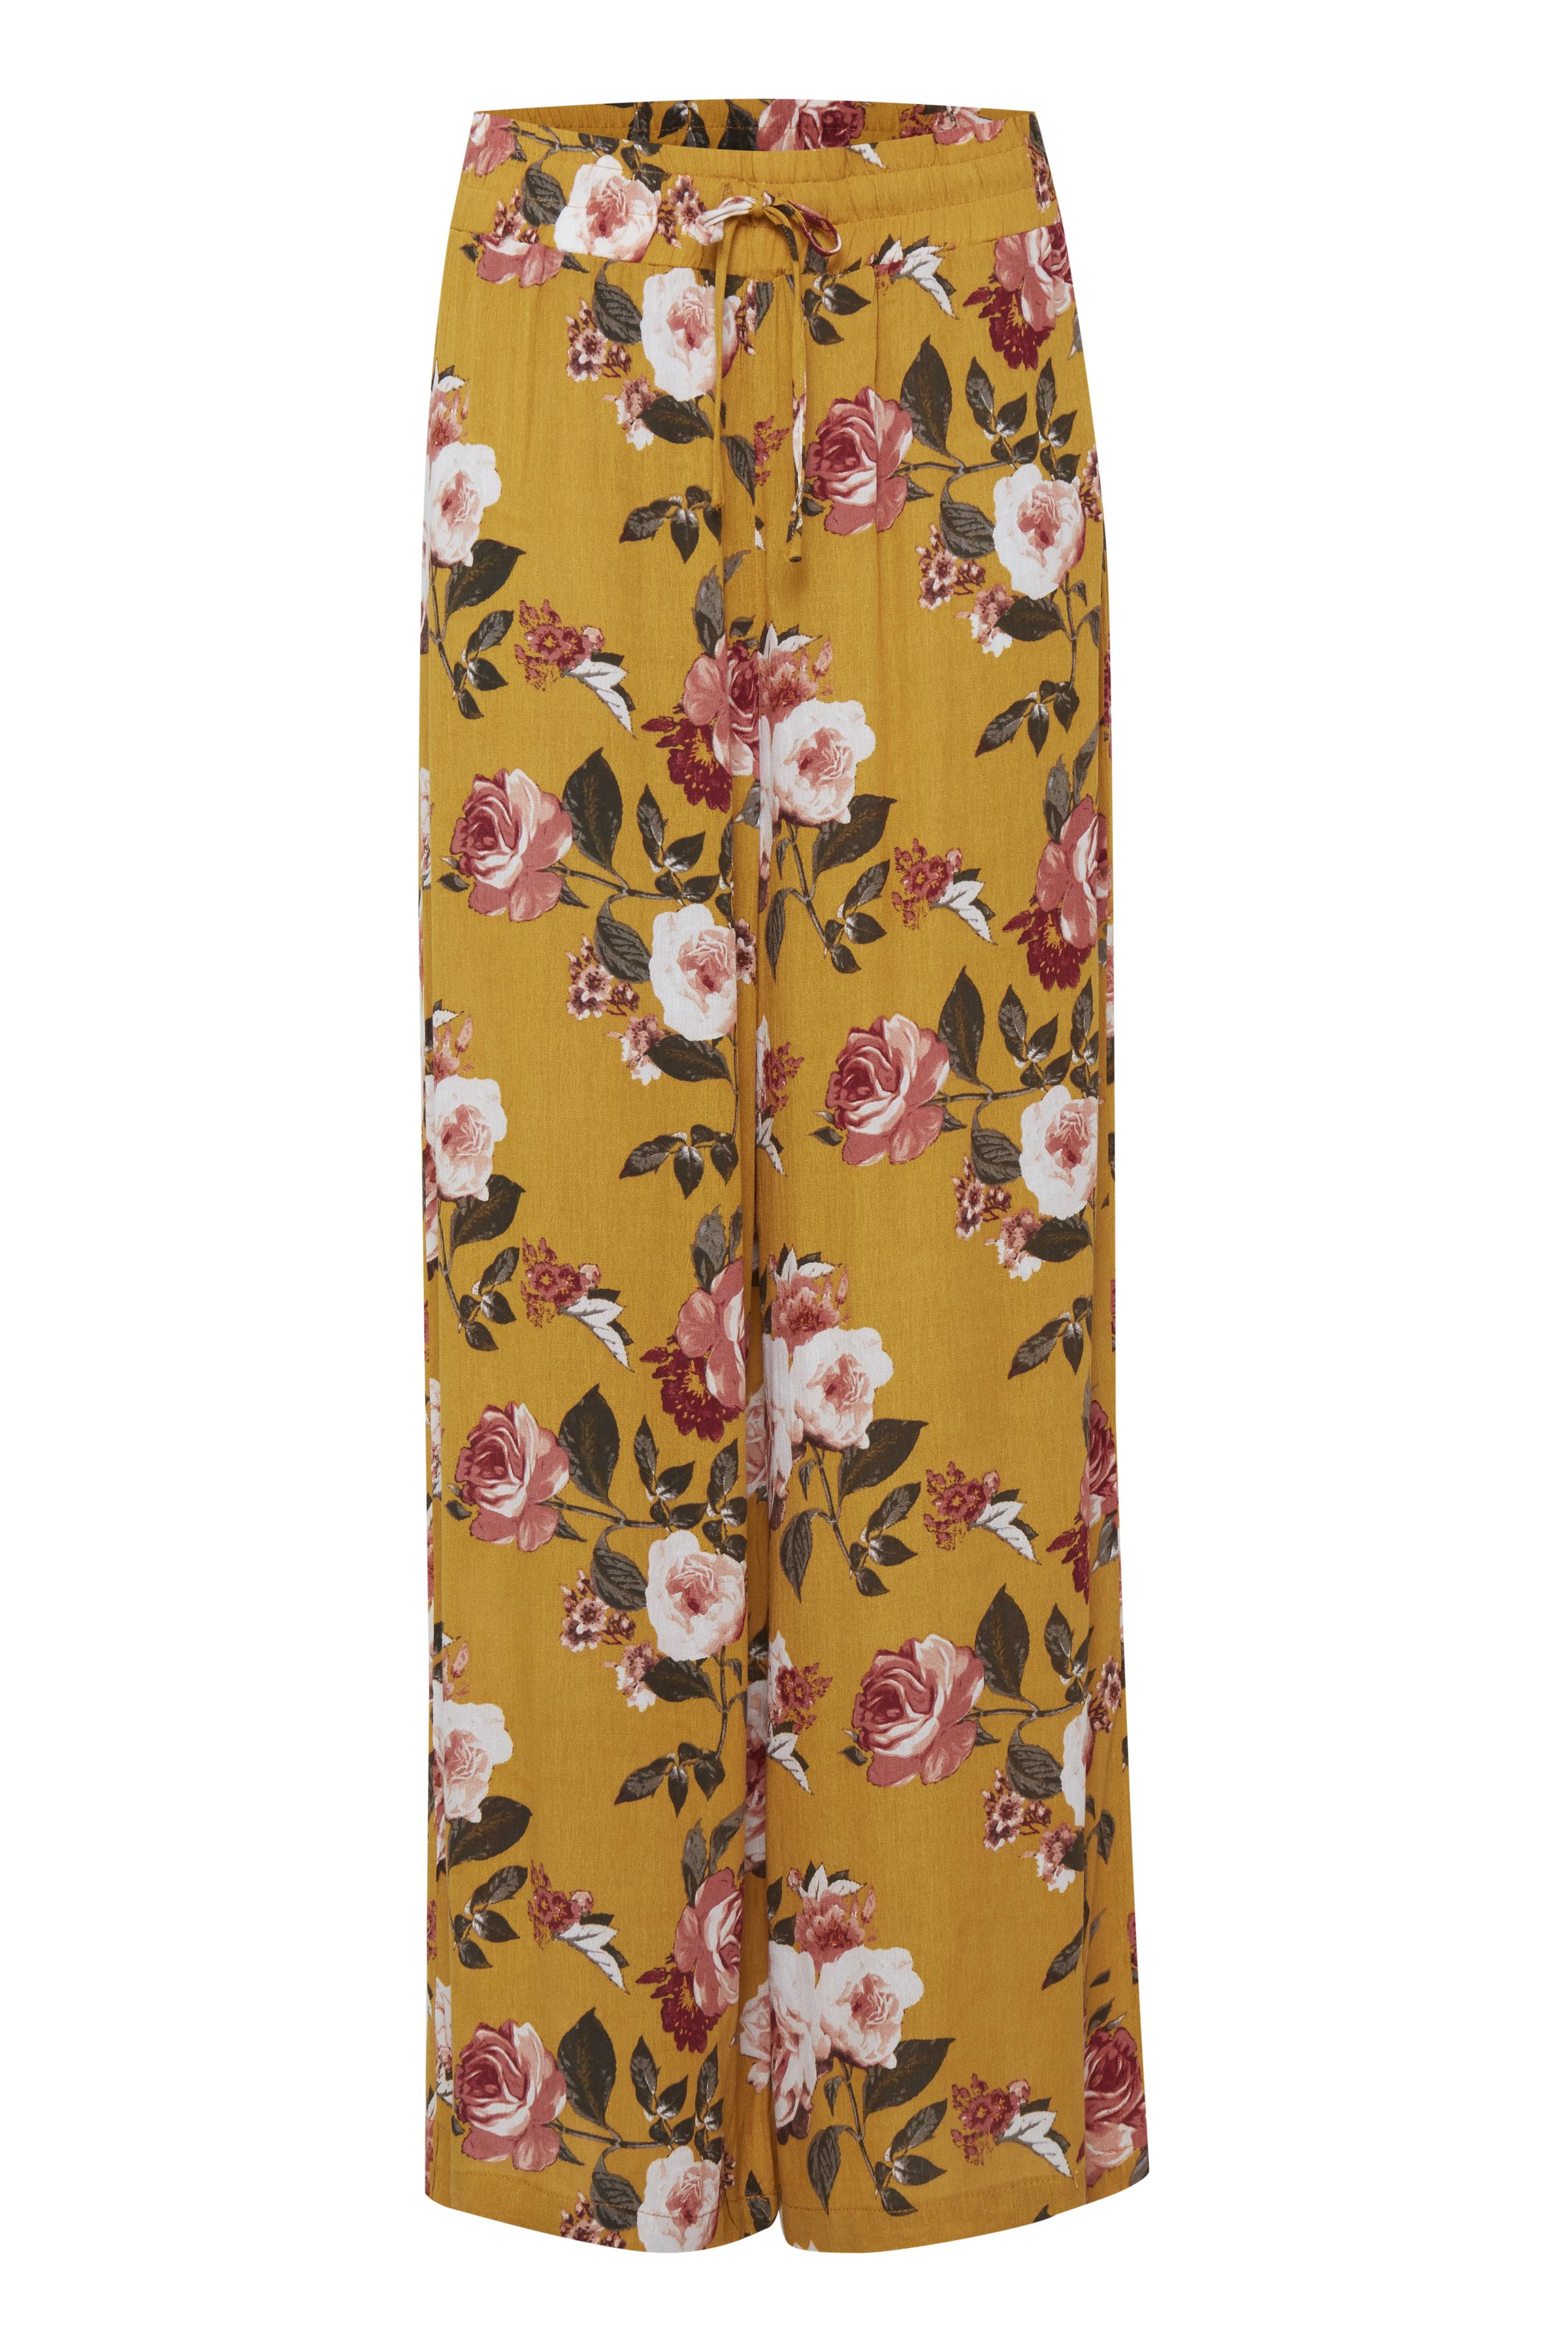 Citrus Pants Casual – Køb Citrus Pants Casual fra str. XS-L her